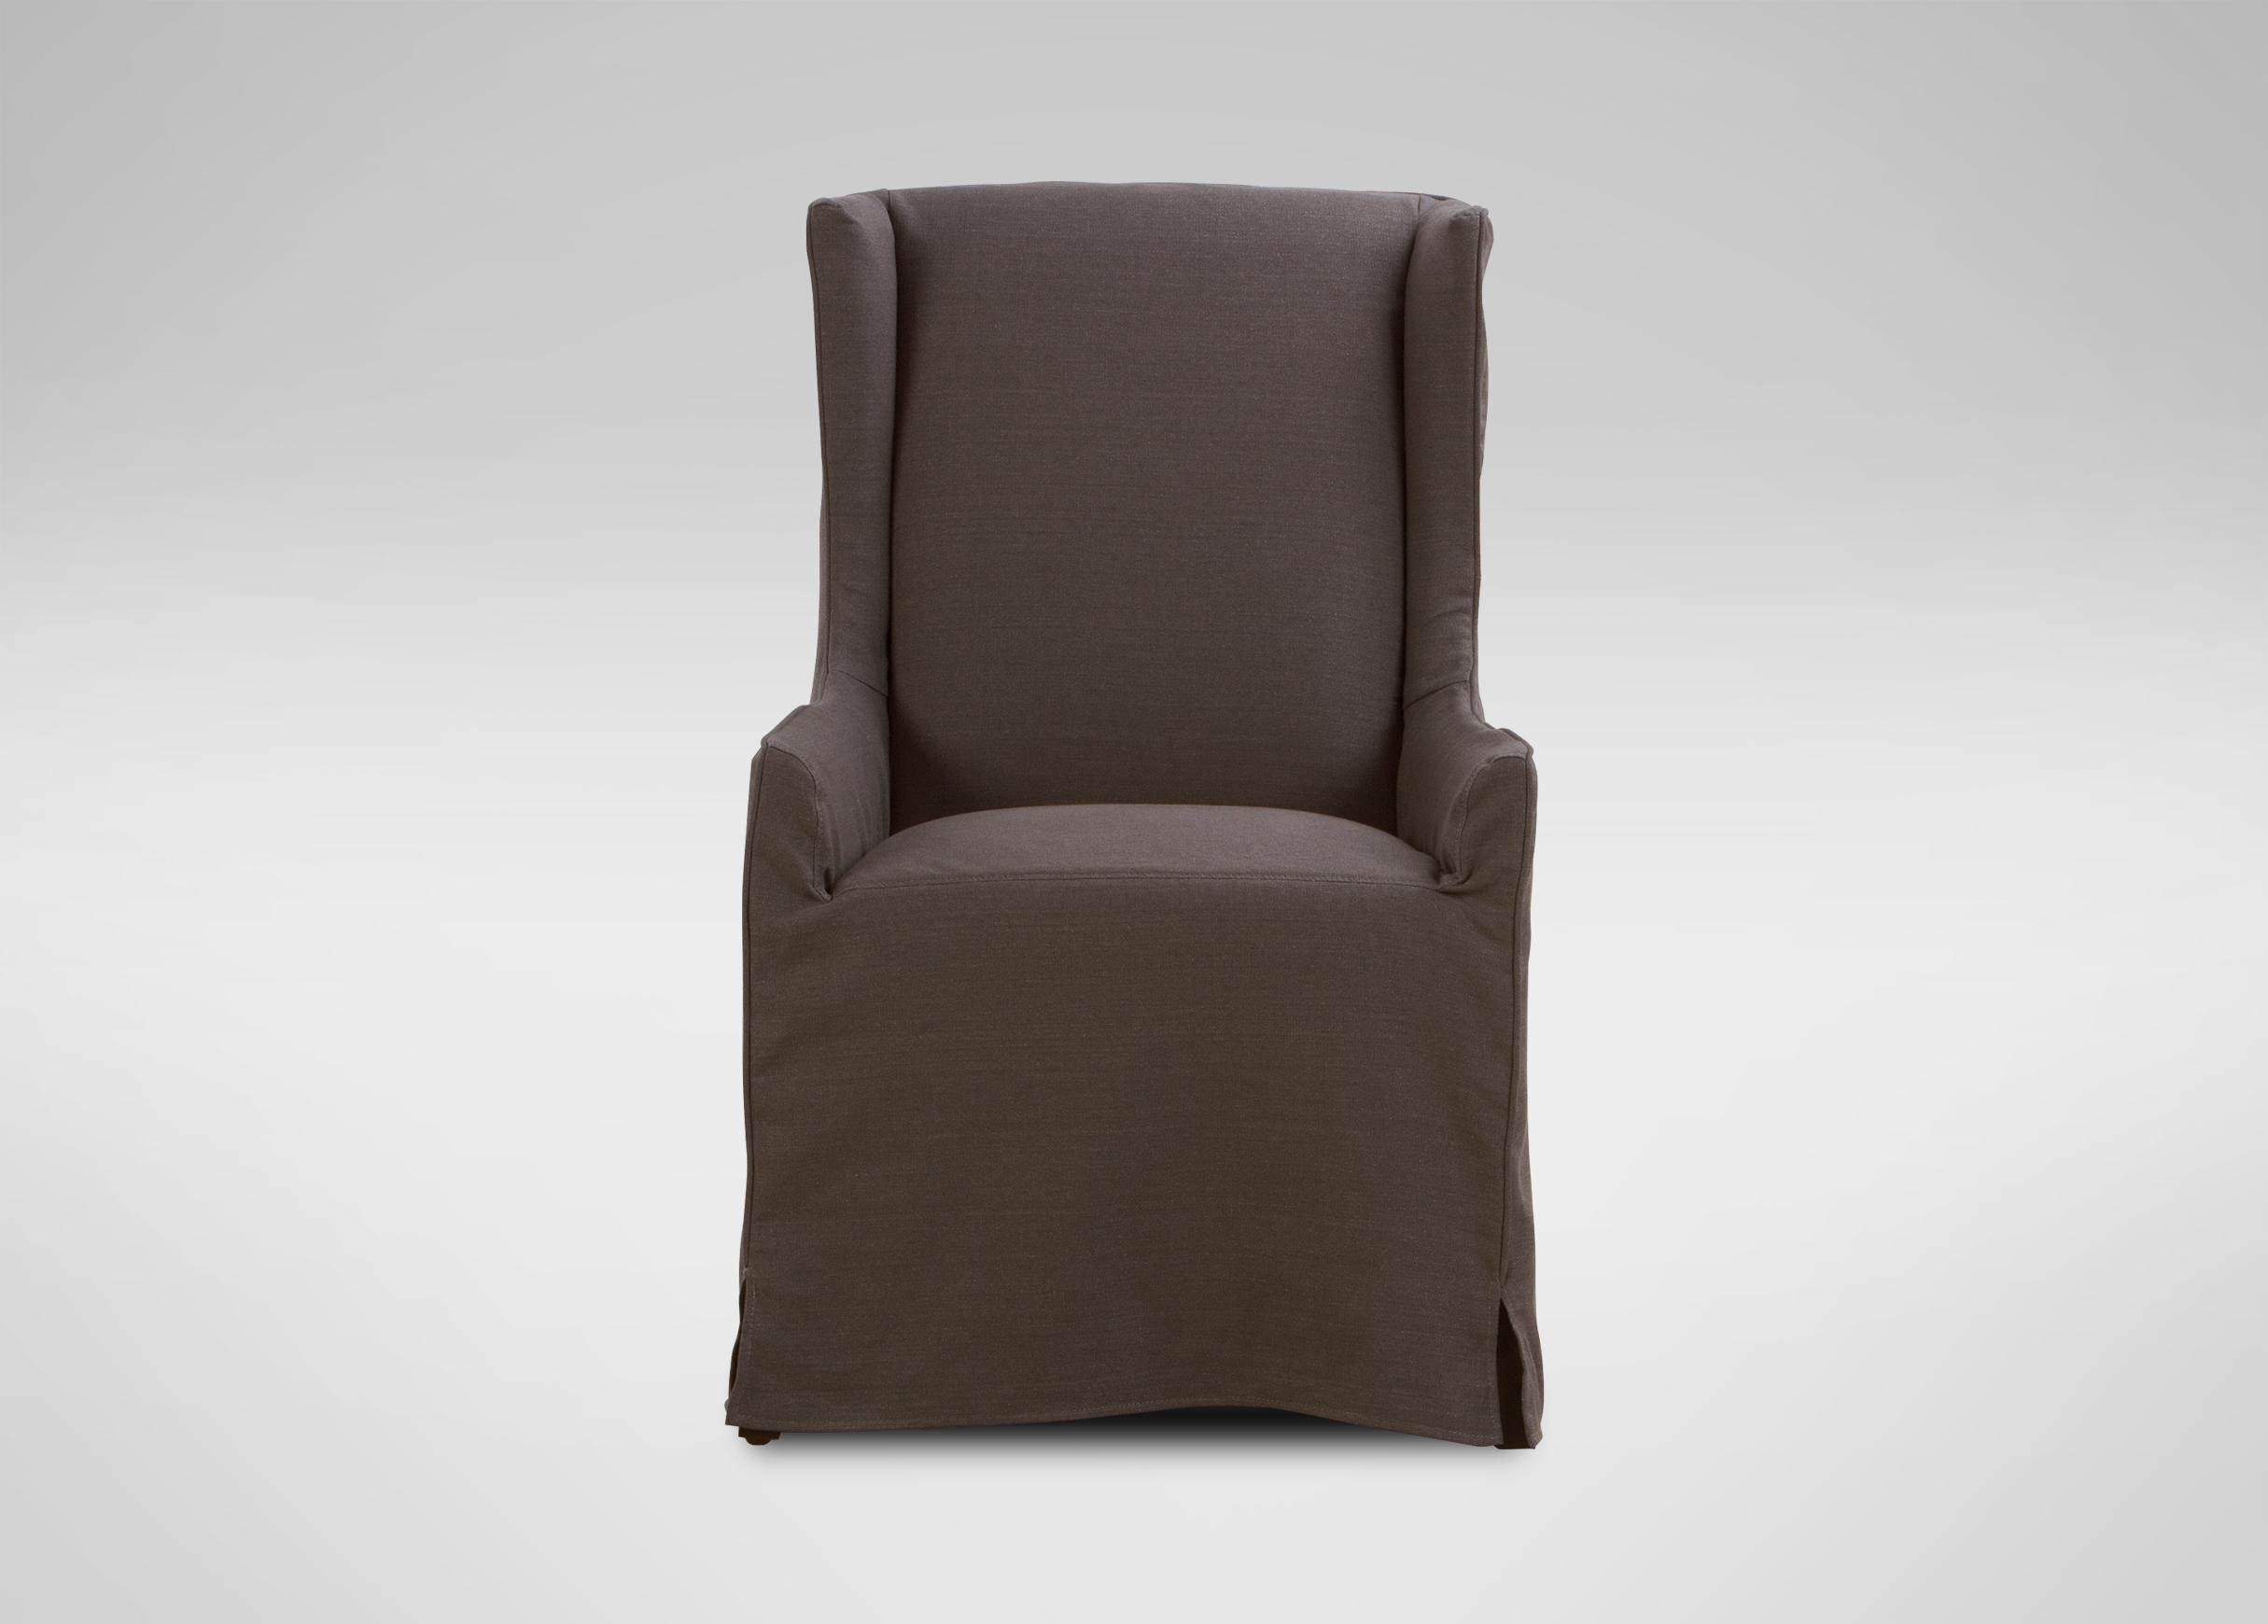 Images Larkin Slipcovered Host Chair , , Large_gray